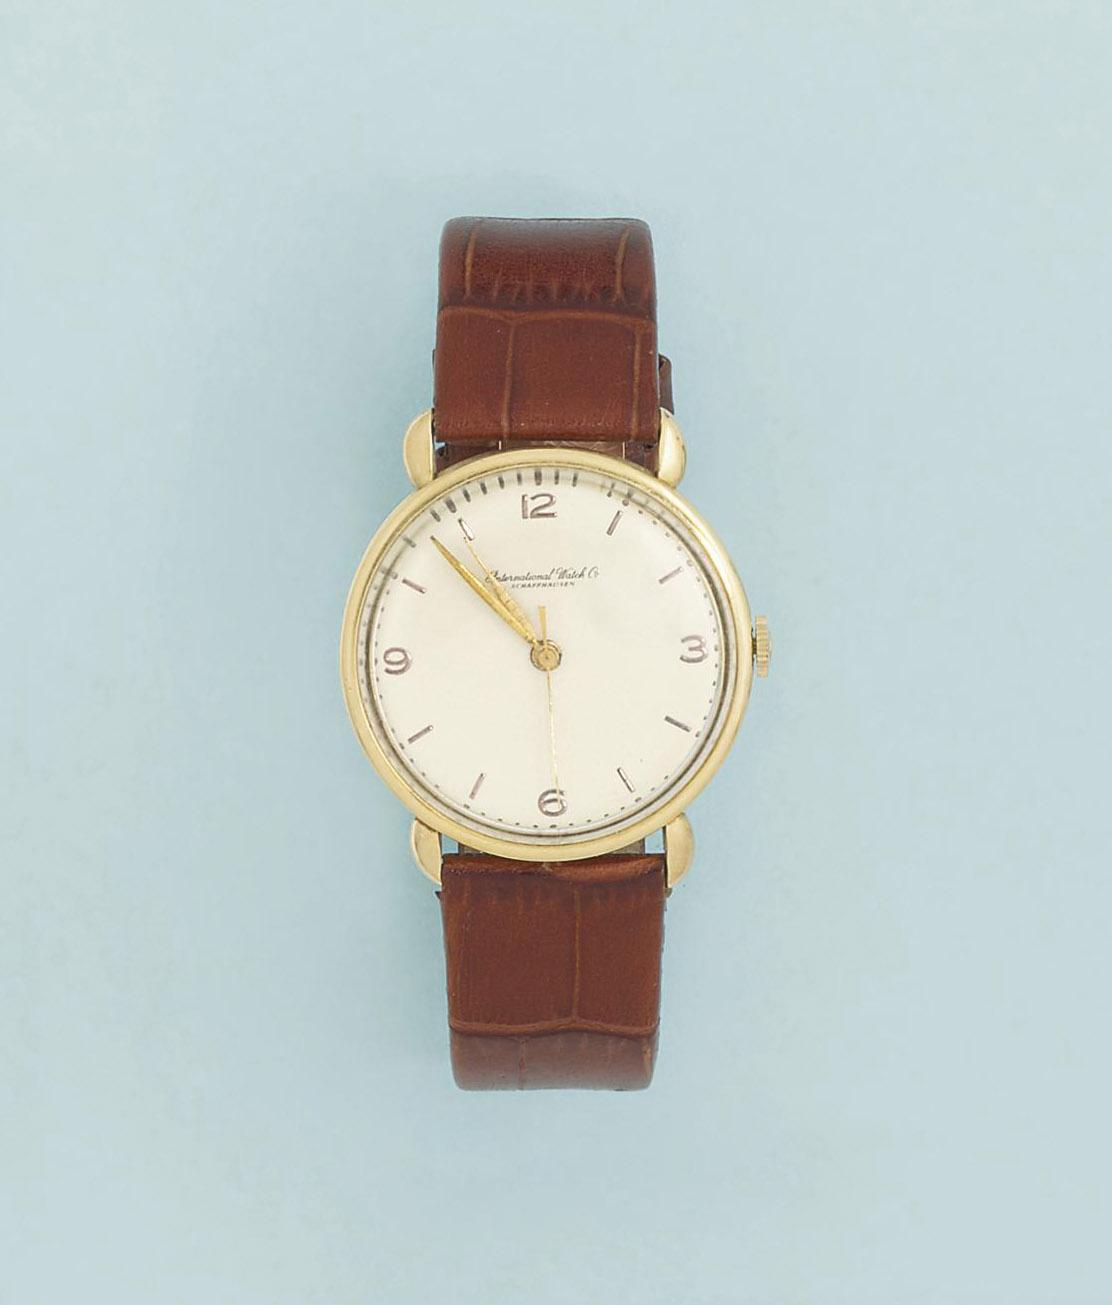 A wristwatch, by International Watch Co.